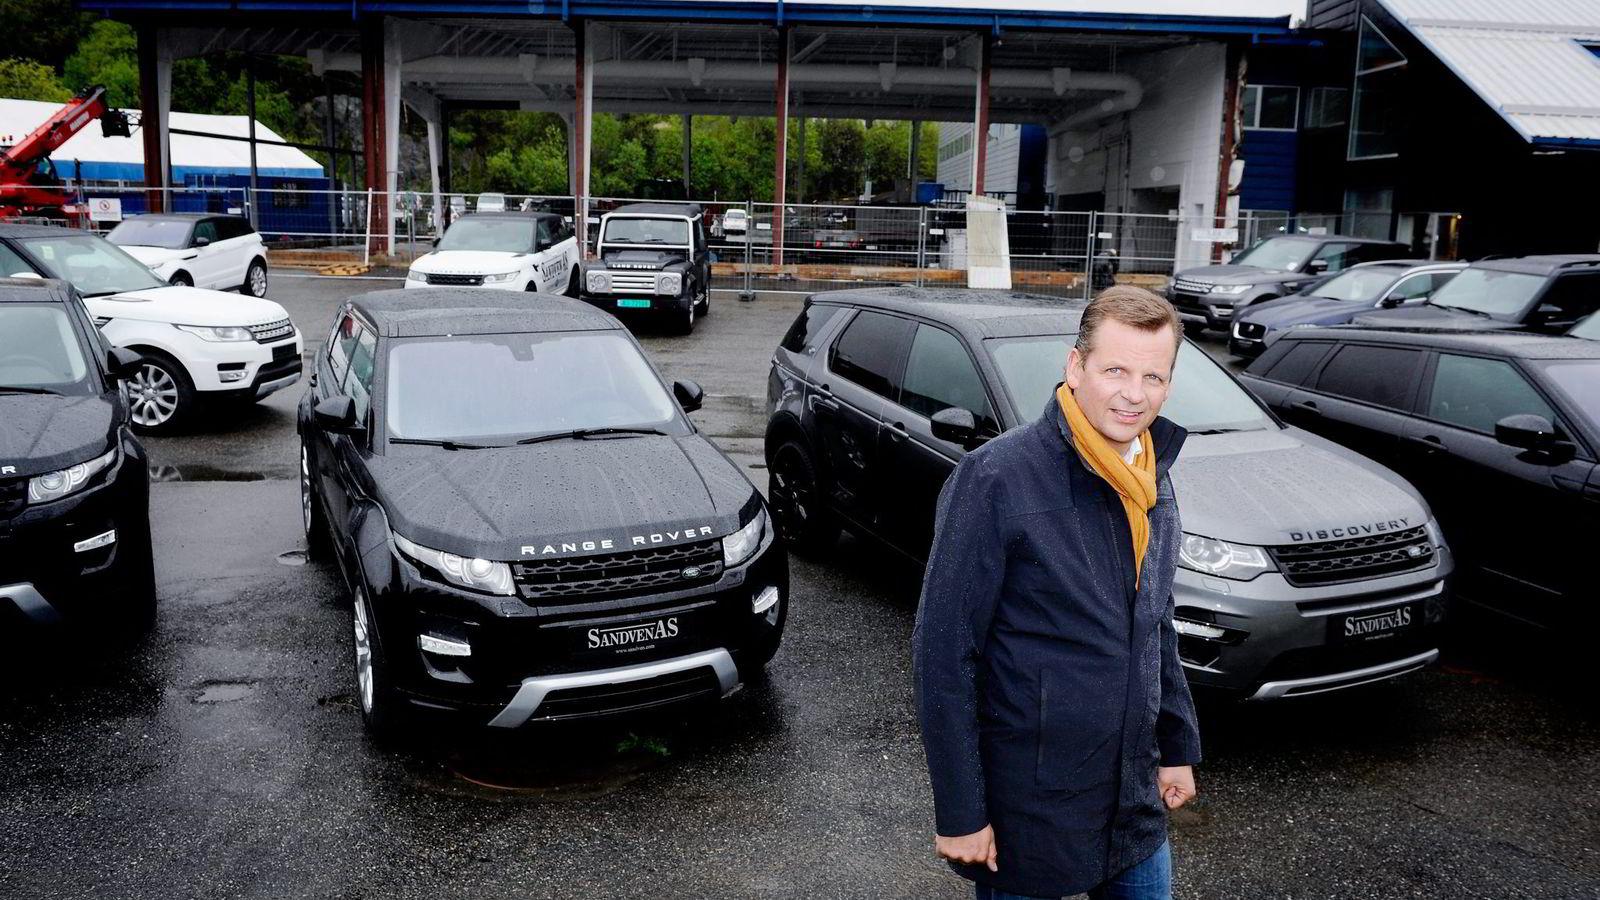 Styreleder Trond Sandven foran nybygget på nesten 1000 kvadratmeter under oppføring på Kokstad i Bergen som skal bli egen spesialbutikk for salg av Jaguar og Land Rover. Foto: